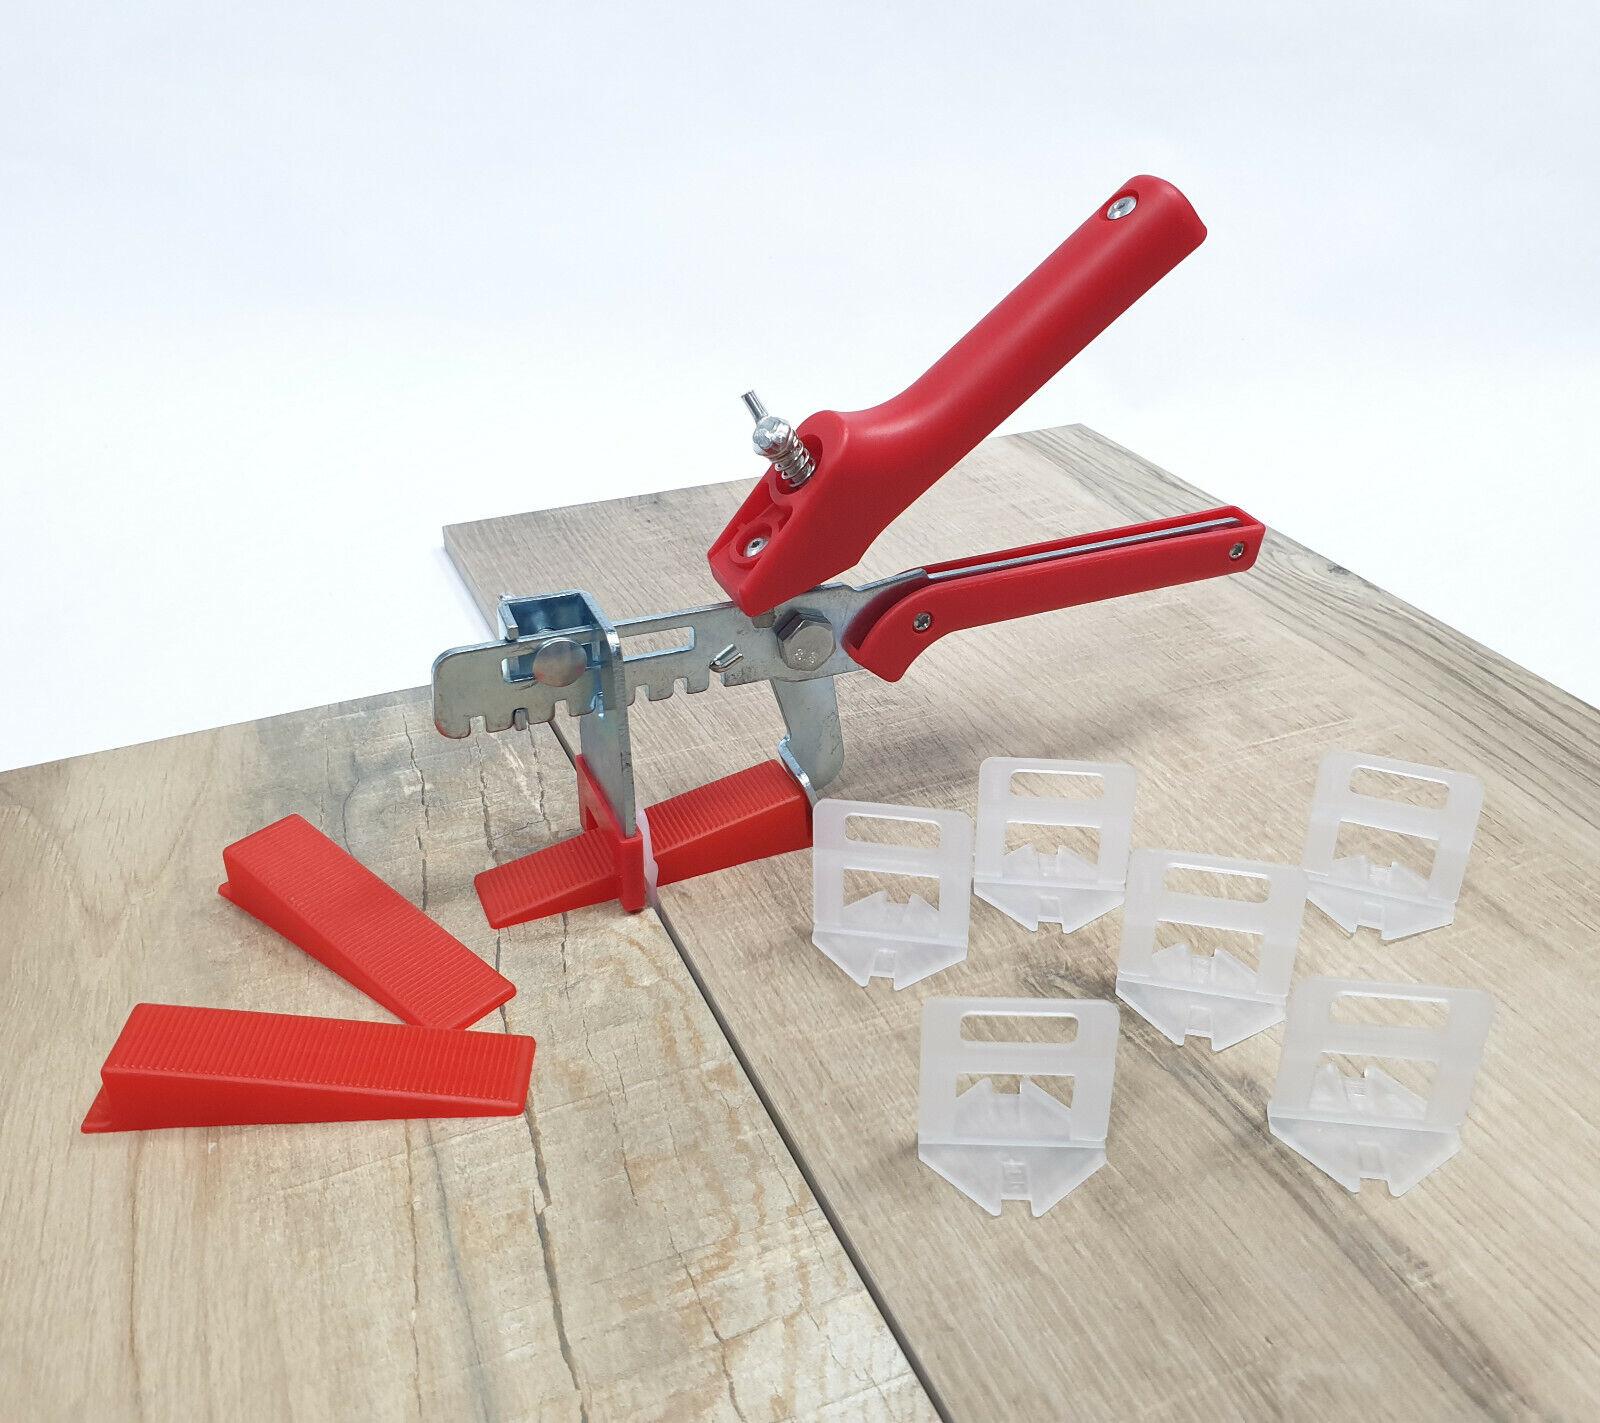 Fliesen Nivelliersystem - Sets Verlegehilfe Fliesen Plan System Laschen Keile